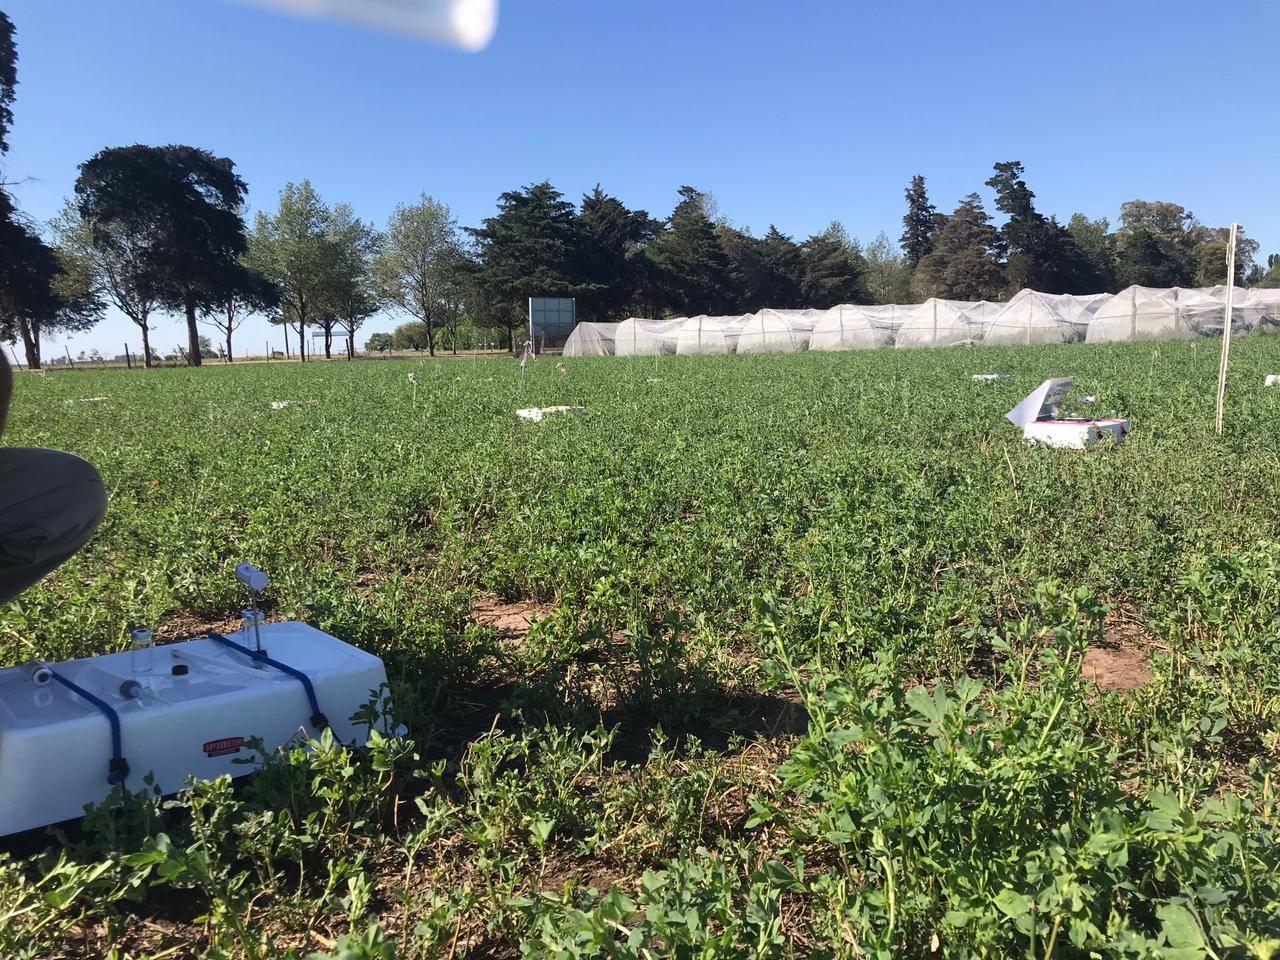 Ensayo de  emisiones de óxido nitroso en pasturas de alfalfa. Córdoba, Argentina